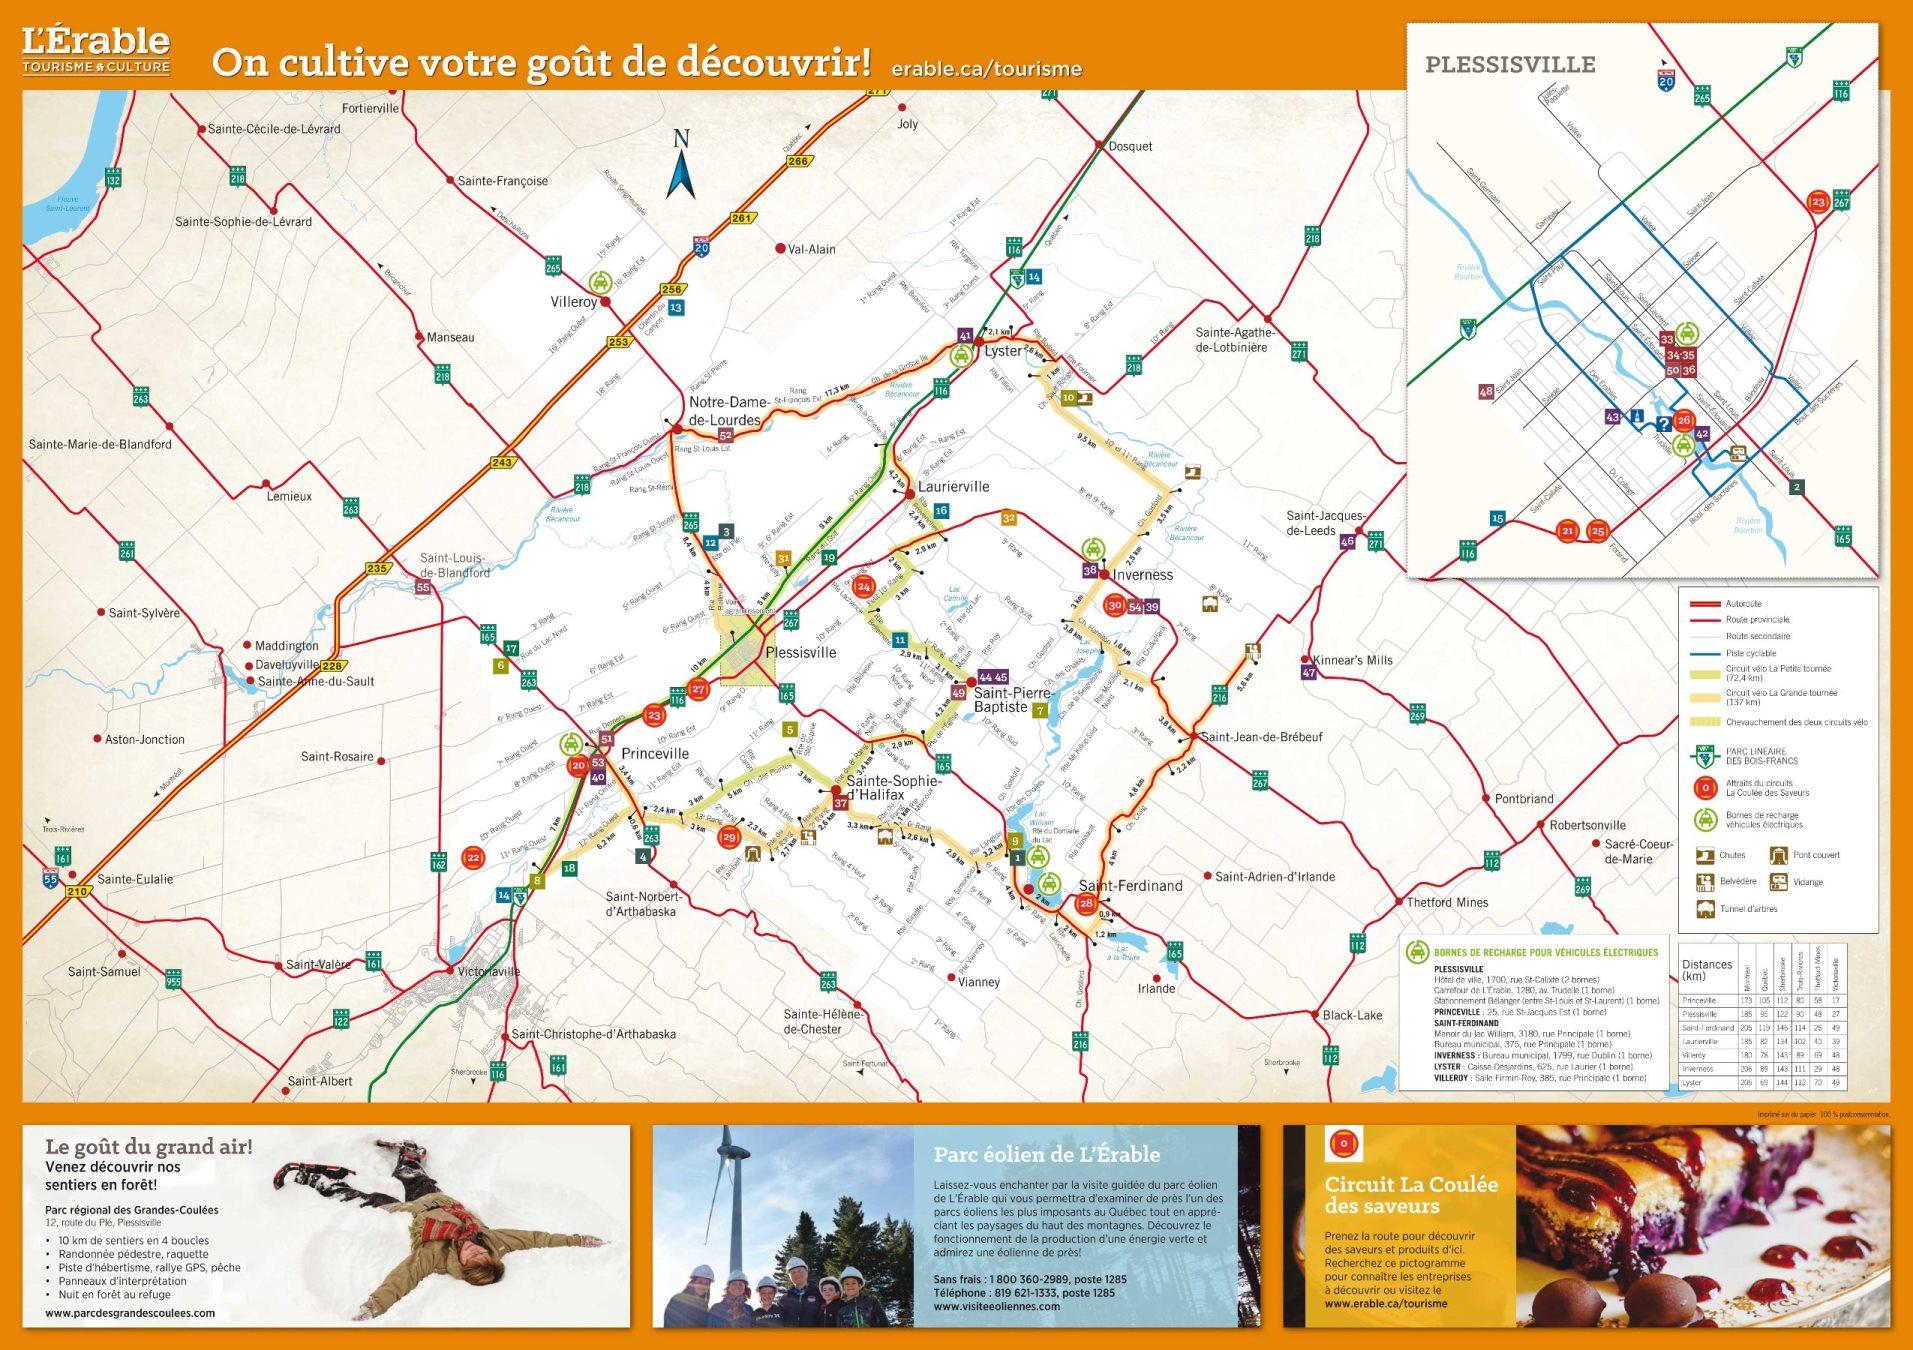 Carte touristique de L'Érable 2018, page 2